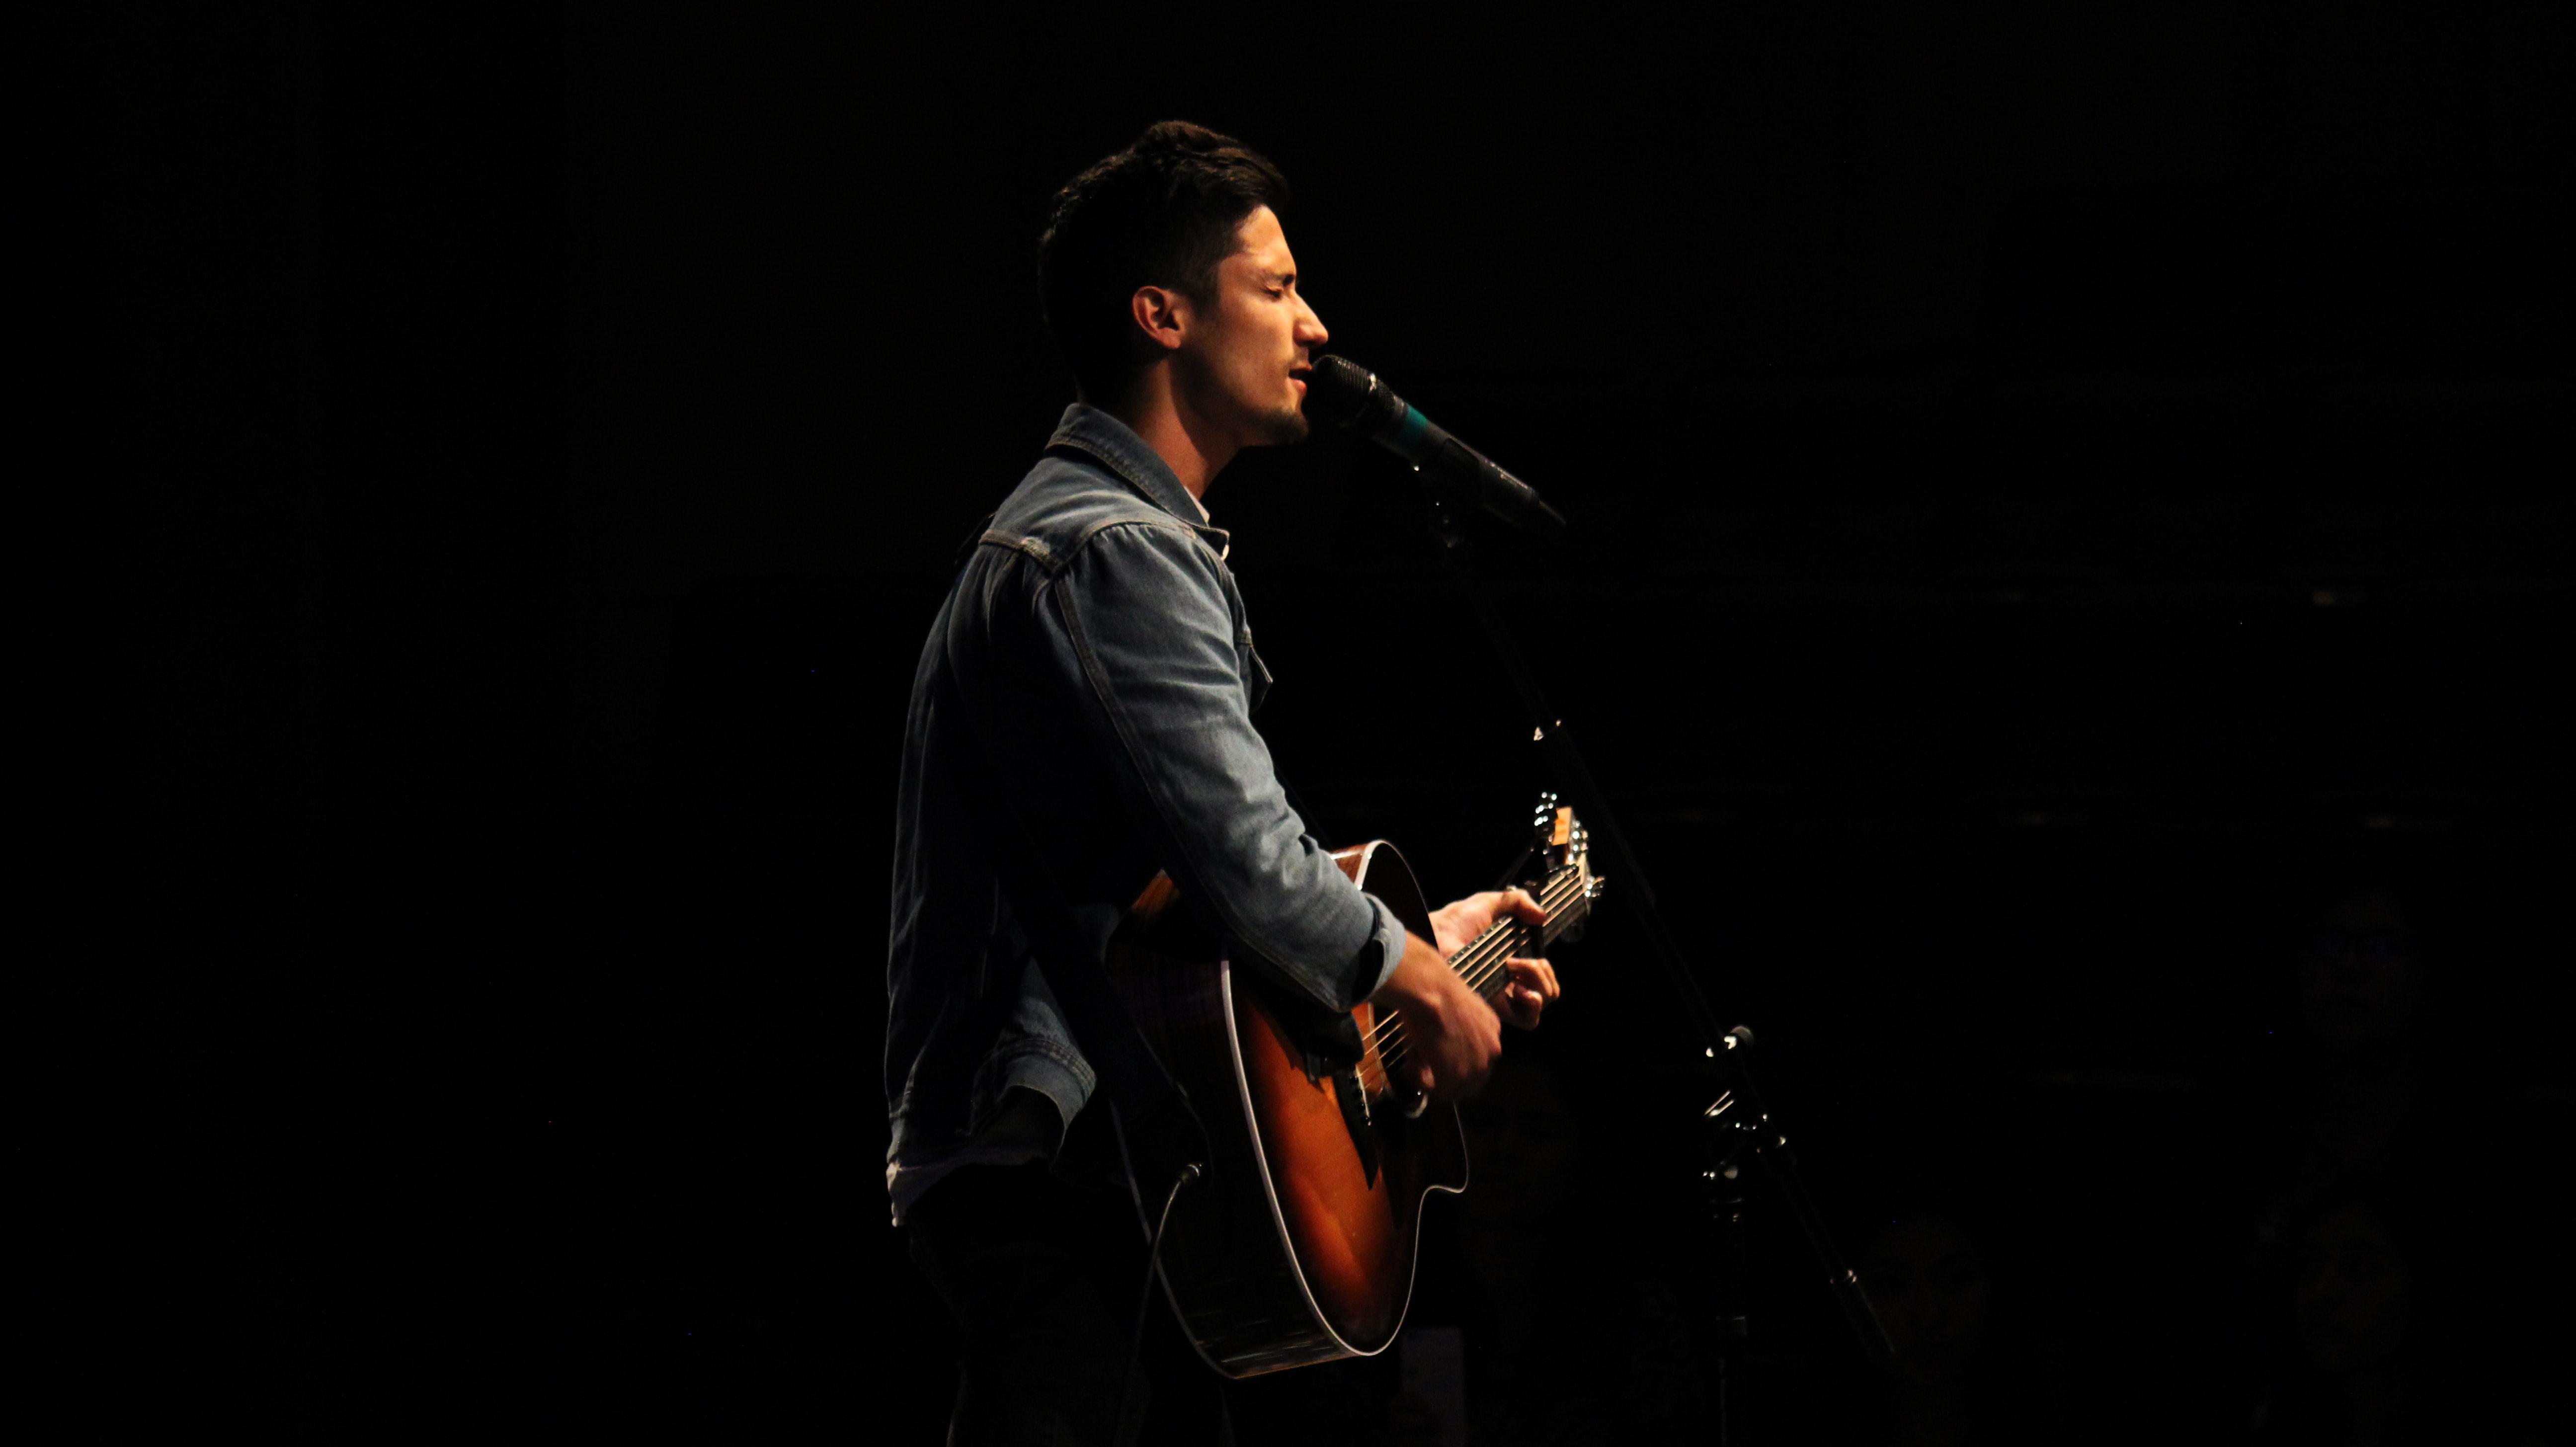 YWAMer playing guitar and singing